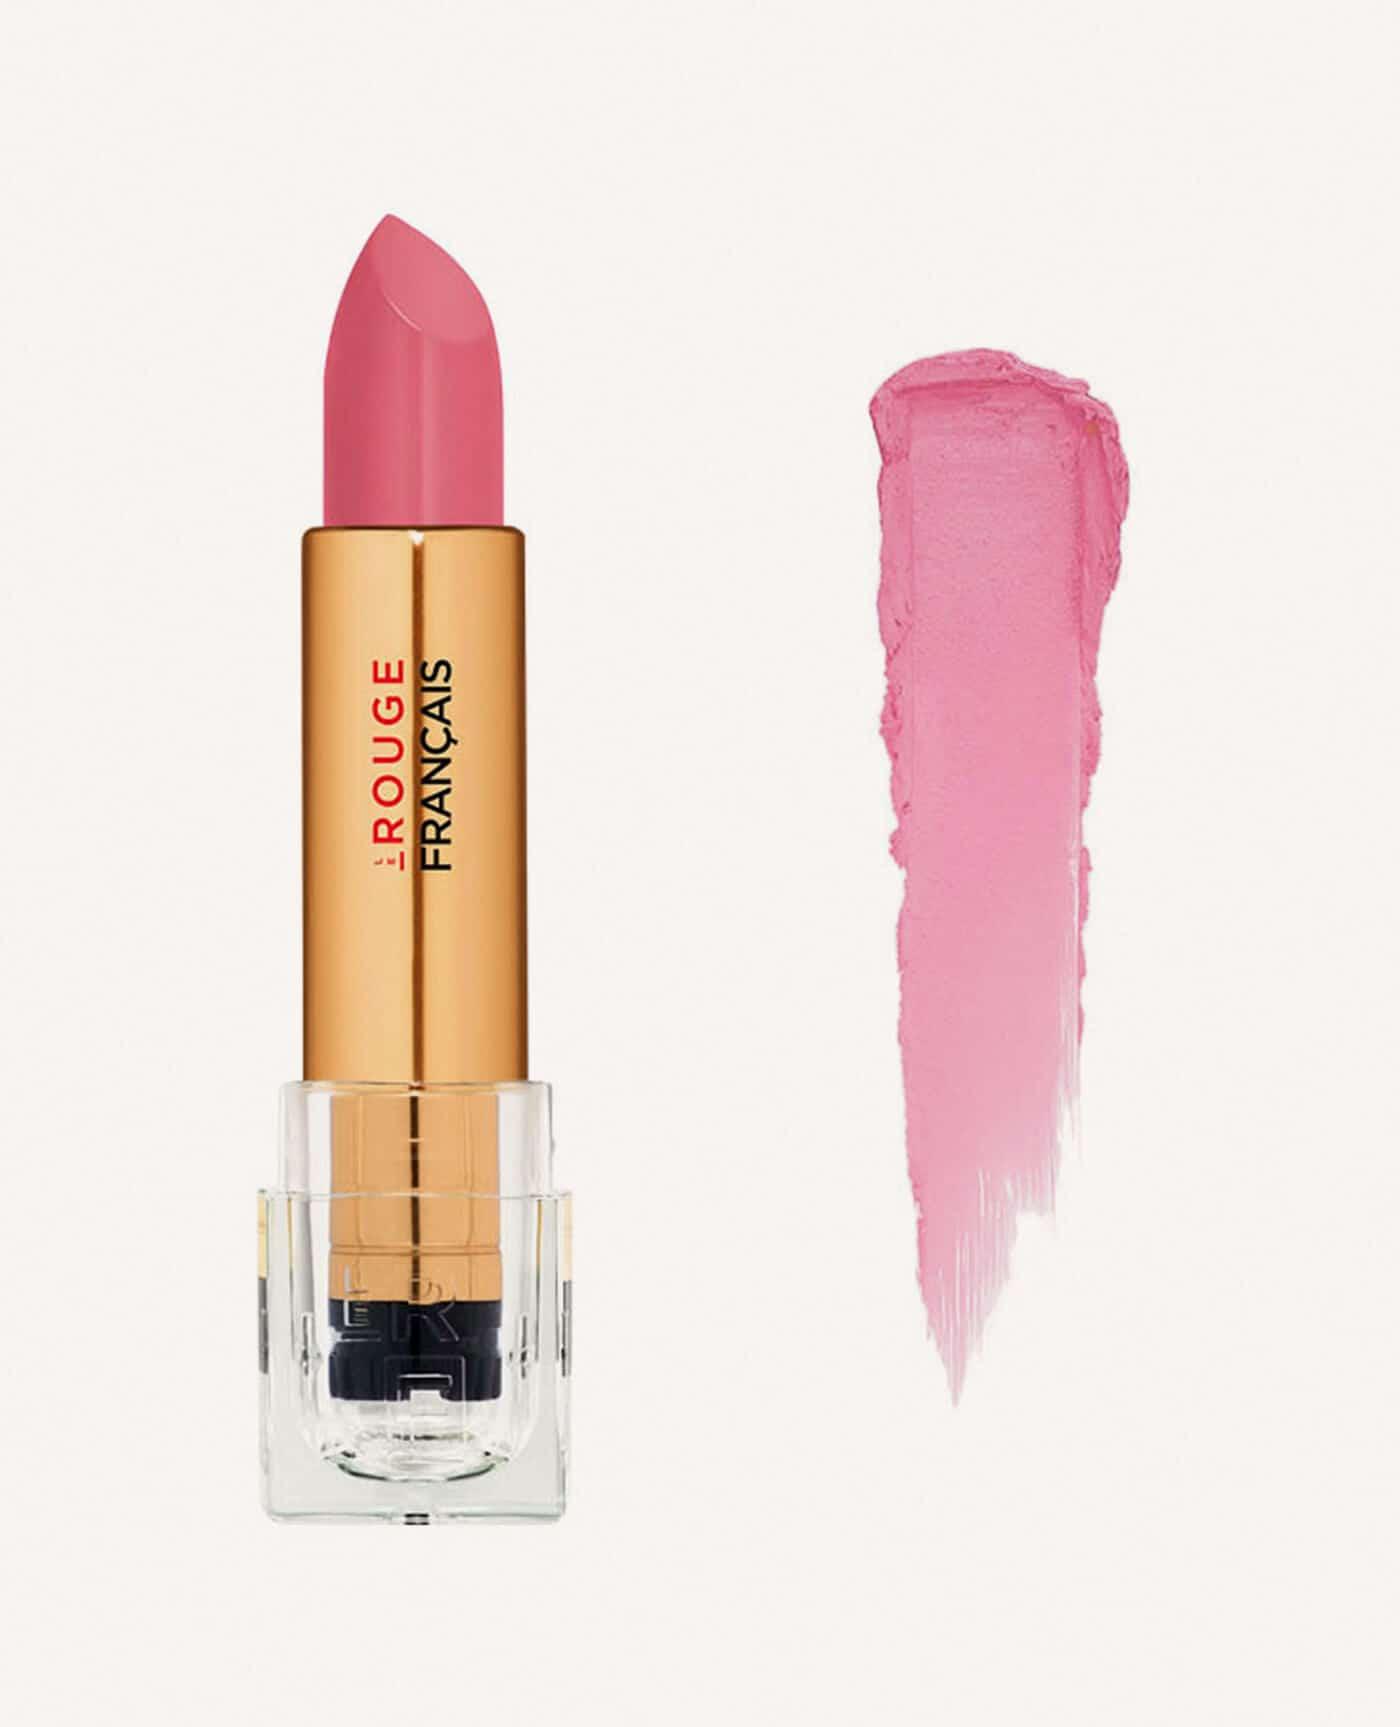 Rouge à lèvres rechargeable Neitsabes bio et vegan couleur rose de la marque Le rouge Français Made in France